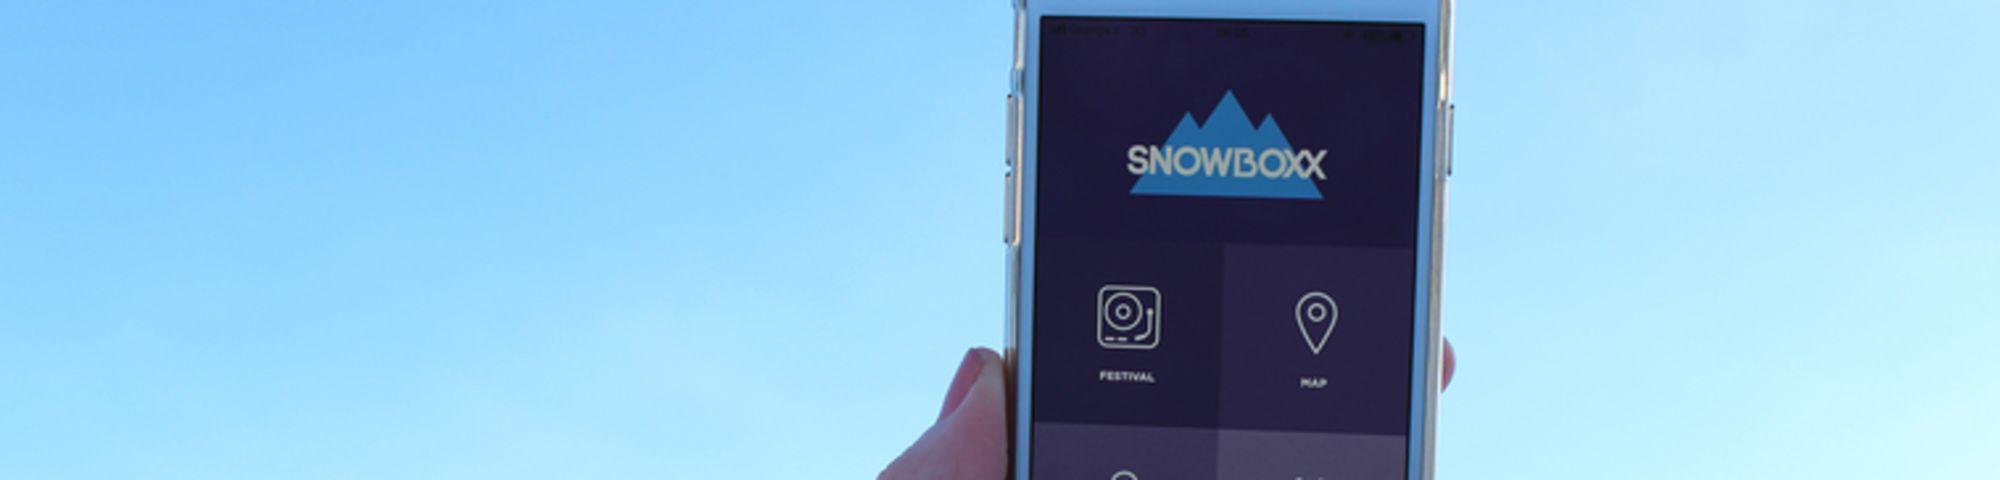 snowboxx1